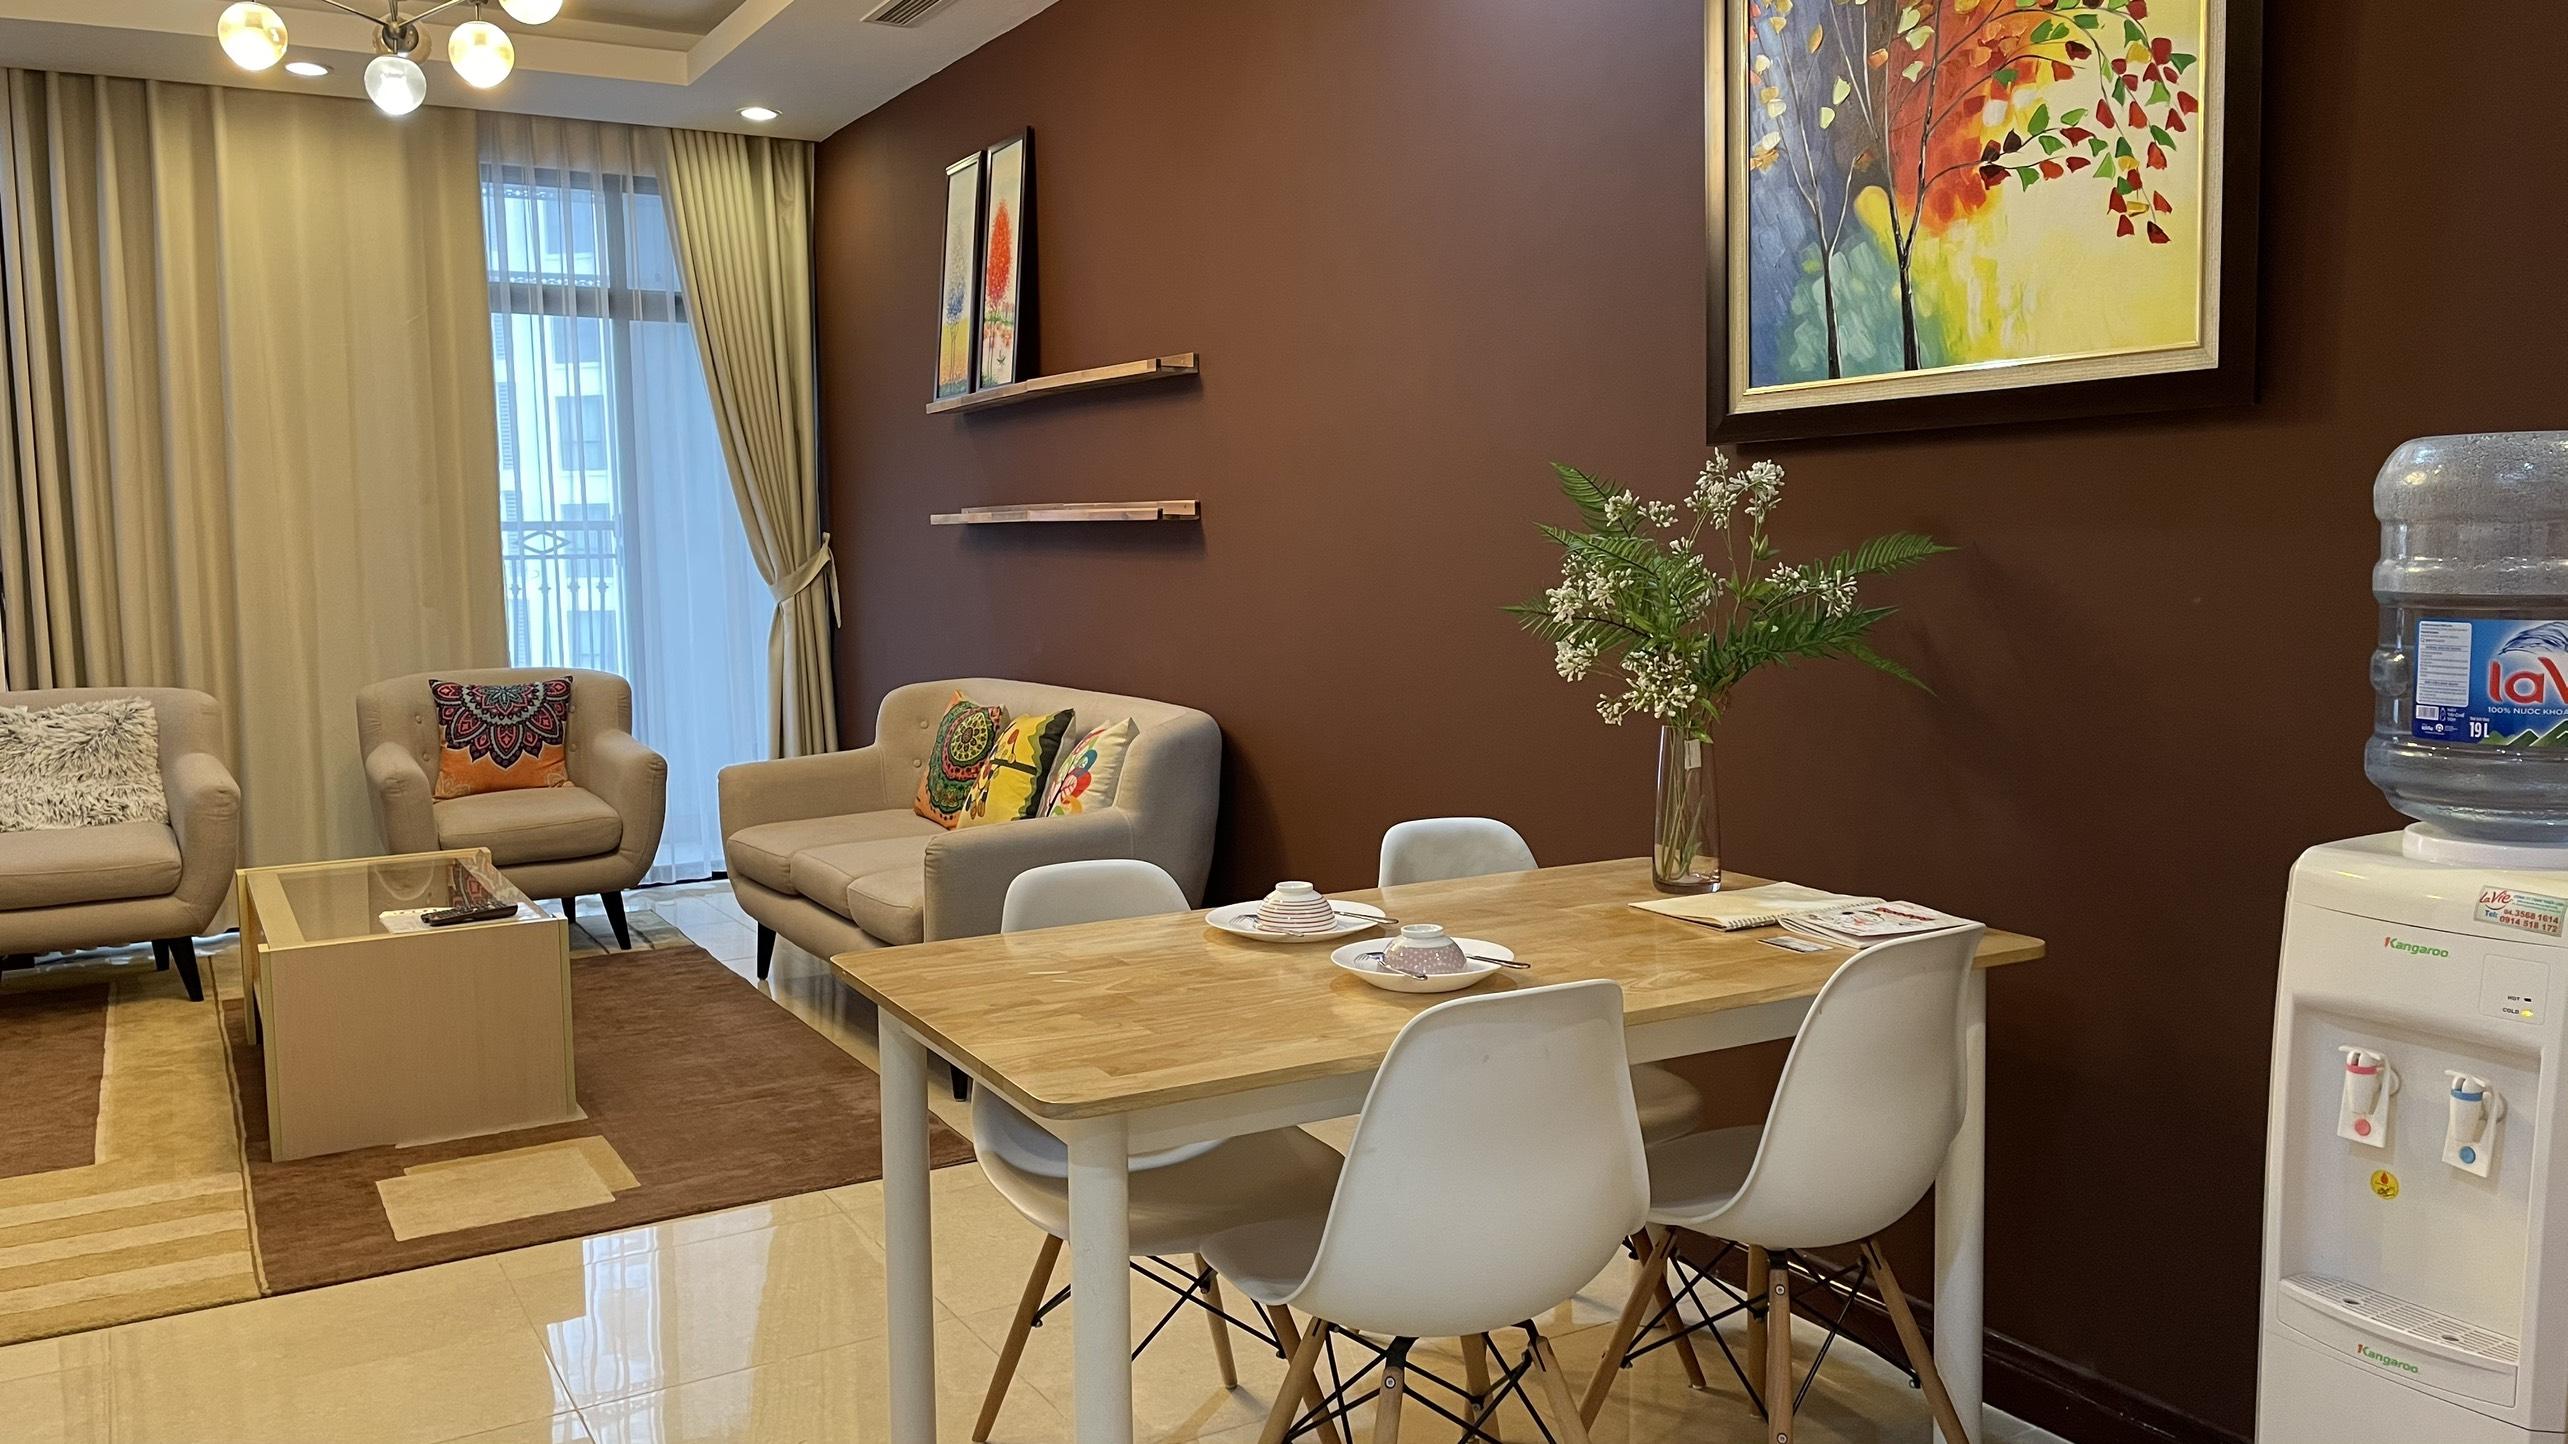 Thuê căn hộ 2 phòng ngủ R3 royal city đồ đẹp